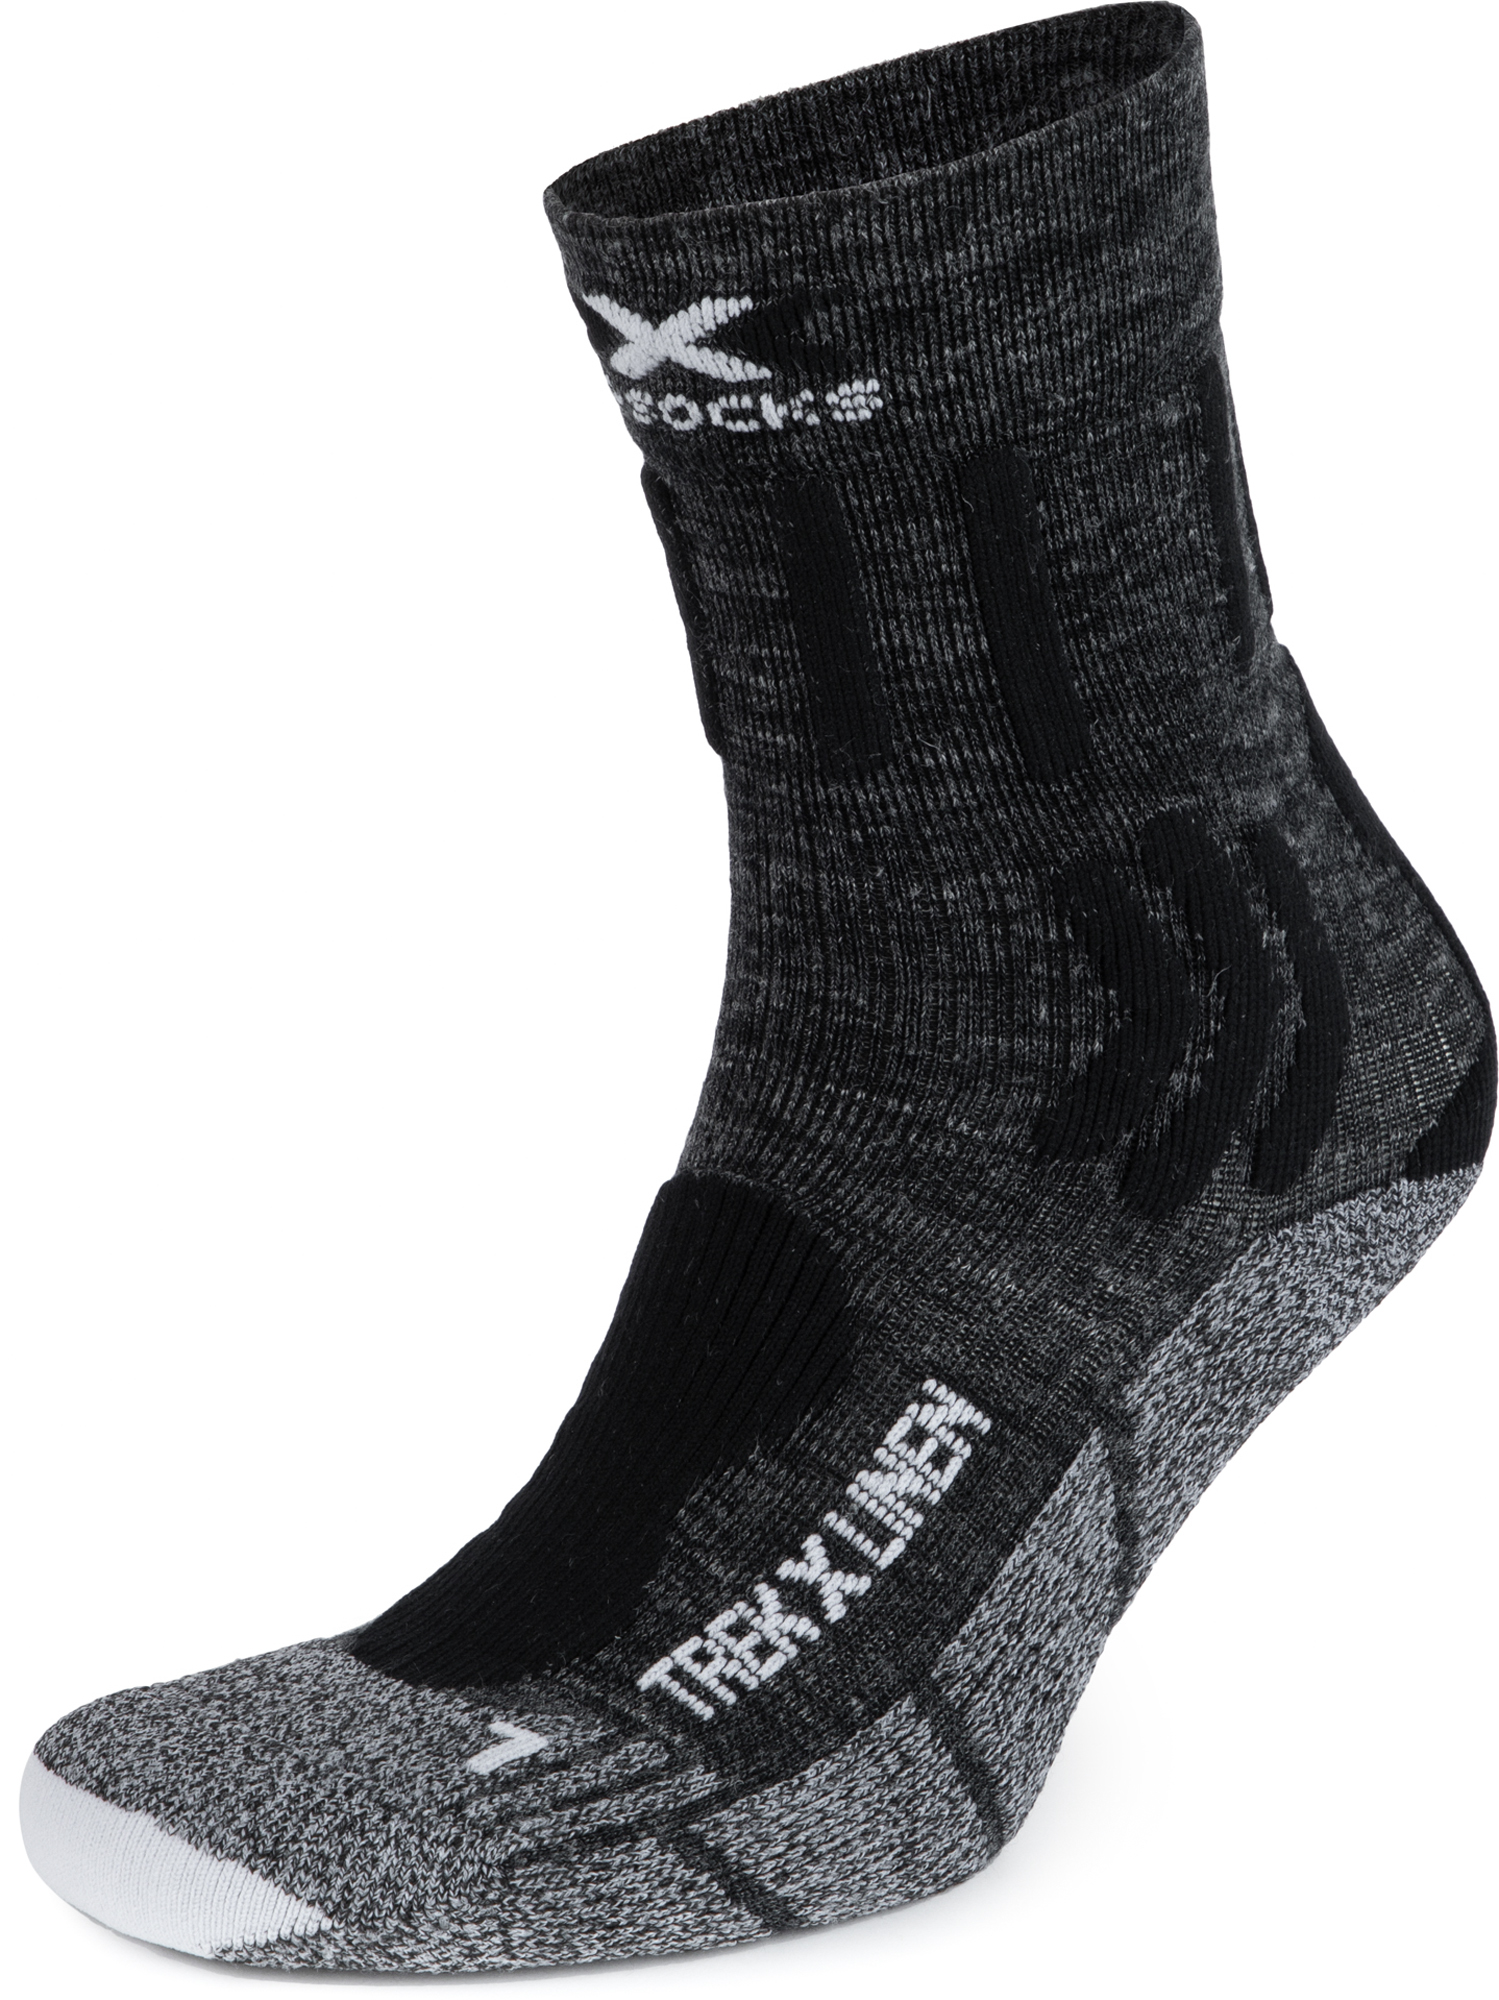 цены X-Socks Носки X-Socks Trek X, 1 пара, размер 42-44